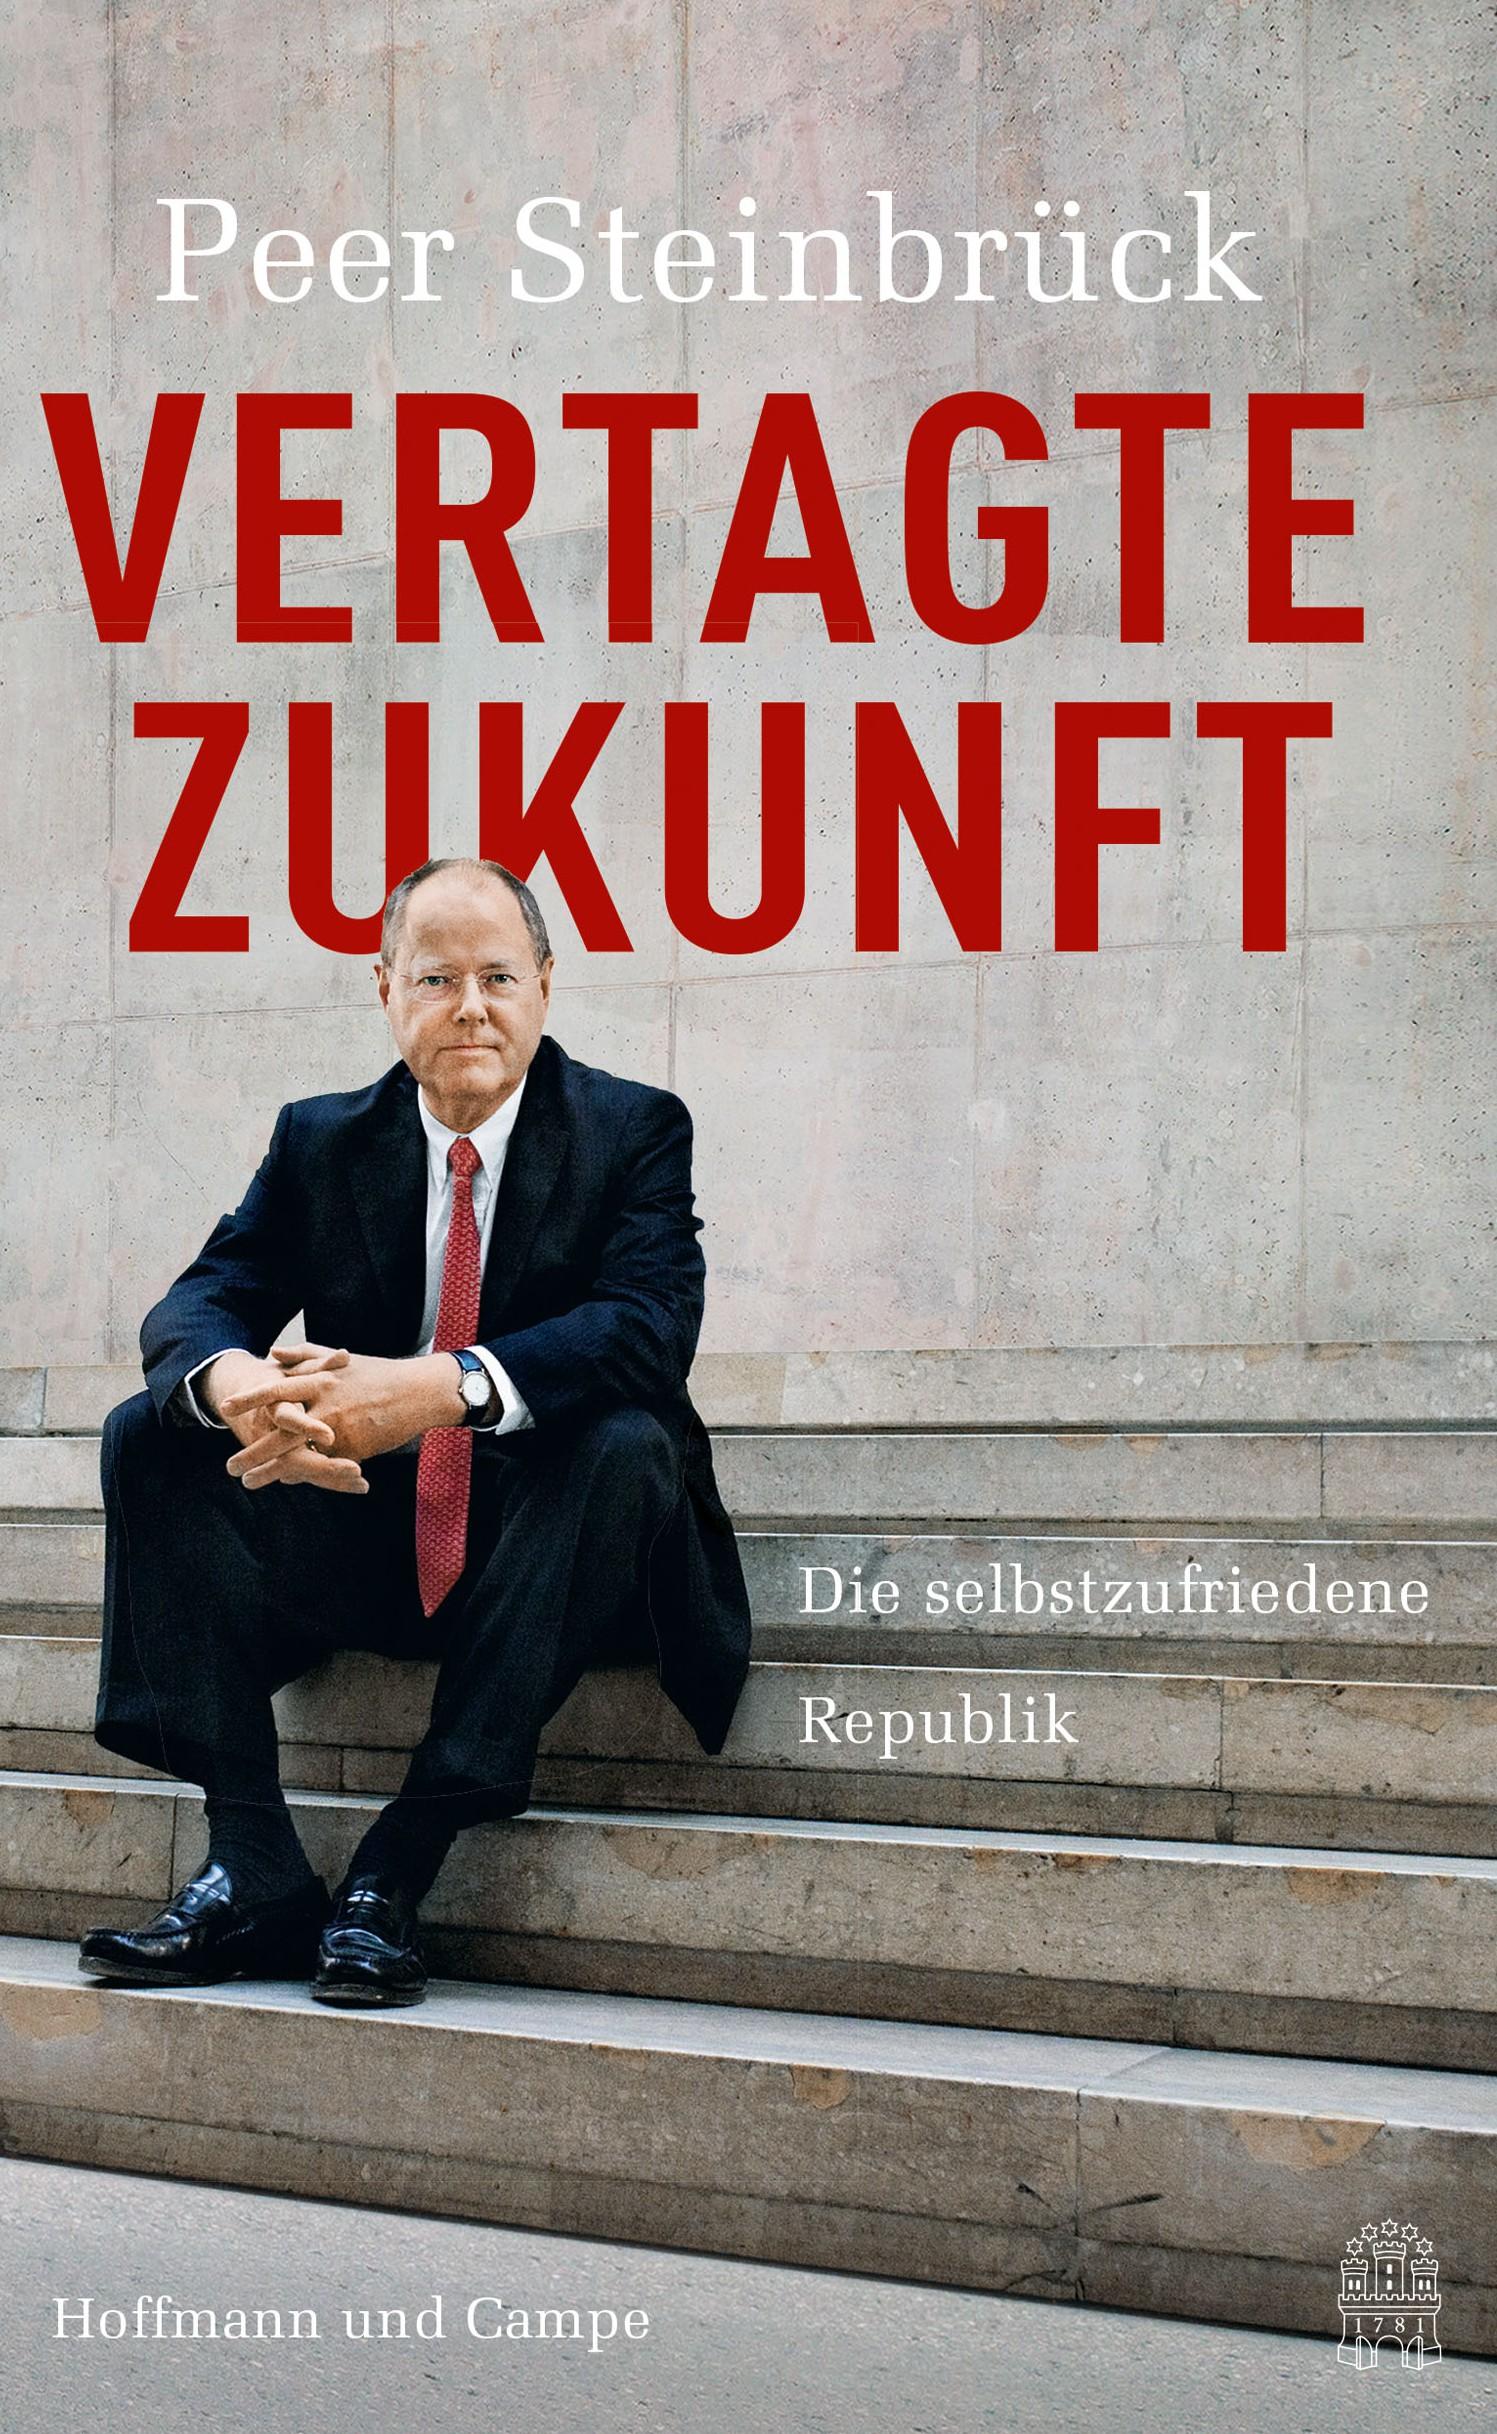 Peer Steinbrück Vertagte Zukunft